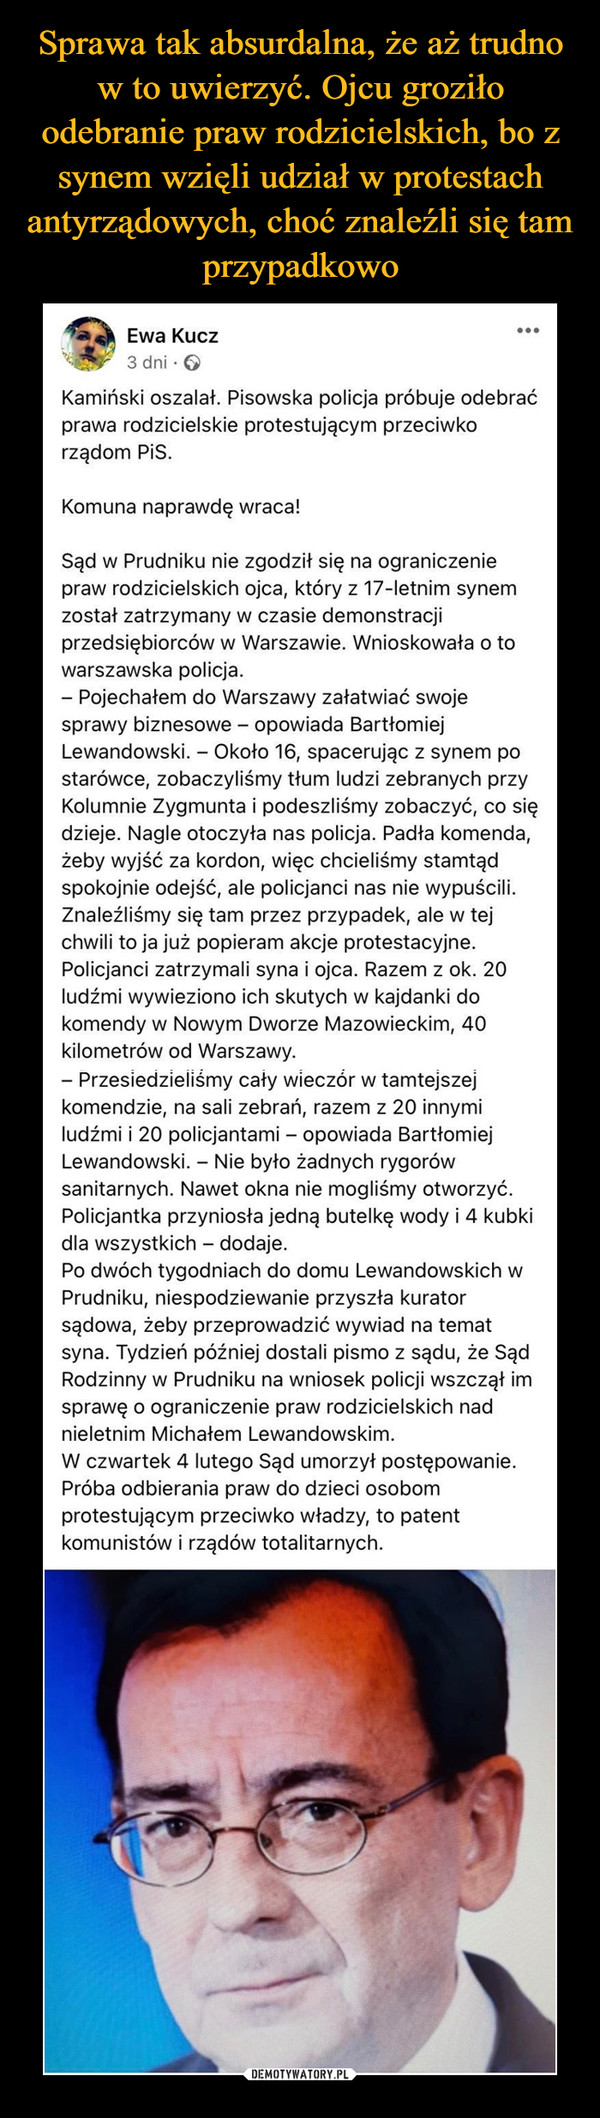 –  ...Ewa Kucz3 dni · OKamiński oszalał. Pisowska policja próbuje odebraćprawa rodzicielskie protestującym przeciwkorządom PiS.Komuna naprawdę wraca!Sąd w Prudniku nie zgodził się na ograniczeniepraw rodzicielskich ojca, który z 17-letnim synemzostał zatrzymany w czasie demonstracjiprzedsiębiorców w Warszawie. Wnioskowała o towarszawska policja.- Pojechałem do Warszawy załatwiać swojesprawy biznesowe - opowiada BartłomiejLewandowski. – Około 16, spacerując z synem postarówce, zobaczyliśmy tłum ludzi zebranych przyKolumnie Zygmunta i podeszliśmy zobaczyć, co siędzieje. Nagle otoczyła nas policja. Padła komenda,żeby wyjść za kordon, więc chcieliśmy stamtądspokojnie odejść, ale policjanci nas nie wypuścili.Znaleźliśmy się tam przez przypadek, ale w tejchwili to ja już popieram akcje protestacyjne.Policjanci zatrzymali syna i ojca. Razem z ok. 20ludźmi wywieziono ich skutych w kajdanki dokomendy w Nowym Dworze Mazowieckim, 40kilometrów od Warszawy.- Przesiedzieliśmy cały wieczór w tamtejszejkomendzie, na sali zebrań, razem z 20 innymiludźmi i 20 policjantami – opowiada BartłomiejLewandowski. - Nie było żadnych rygorówsanitarnych. Nawet okna nie mogliśmy otworzyć.Policjantka przyniosła jedną butelkę wody i 4 kubkidla wszystkich – dodaje.Po dwóch tygodniach do domu Lewandowskich wPrudniku, niespodziewanie przyszła kuratorsądowa, żeby przeprowadzić wywiad na tematsyna. Tydzień później dostali pismo z sądu, że SądRodzinny w Prudniku na wniosek policji wszczął imsprawę o ograniczenie praw rodzicielskich nadnieletnim Michałem Lewandowskim.W czwartek 4 lutego Sąd umorzył postępowanie.Próba odbierania praw do dzieci osobomprotestującym przeciwko władzy, to patentkomunistów i rządów totalitarnych.